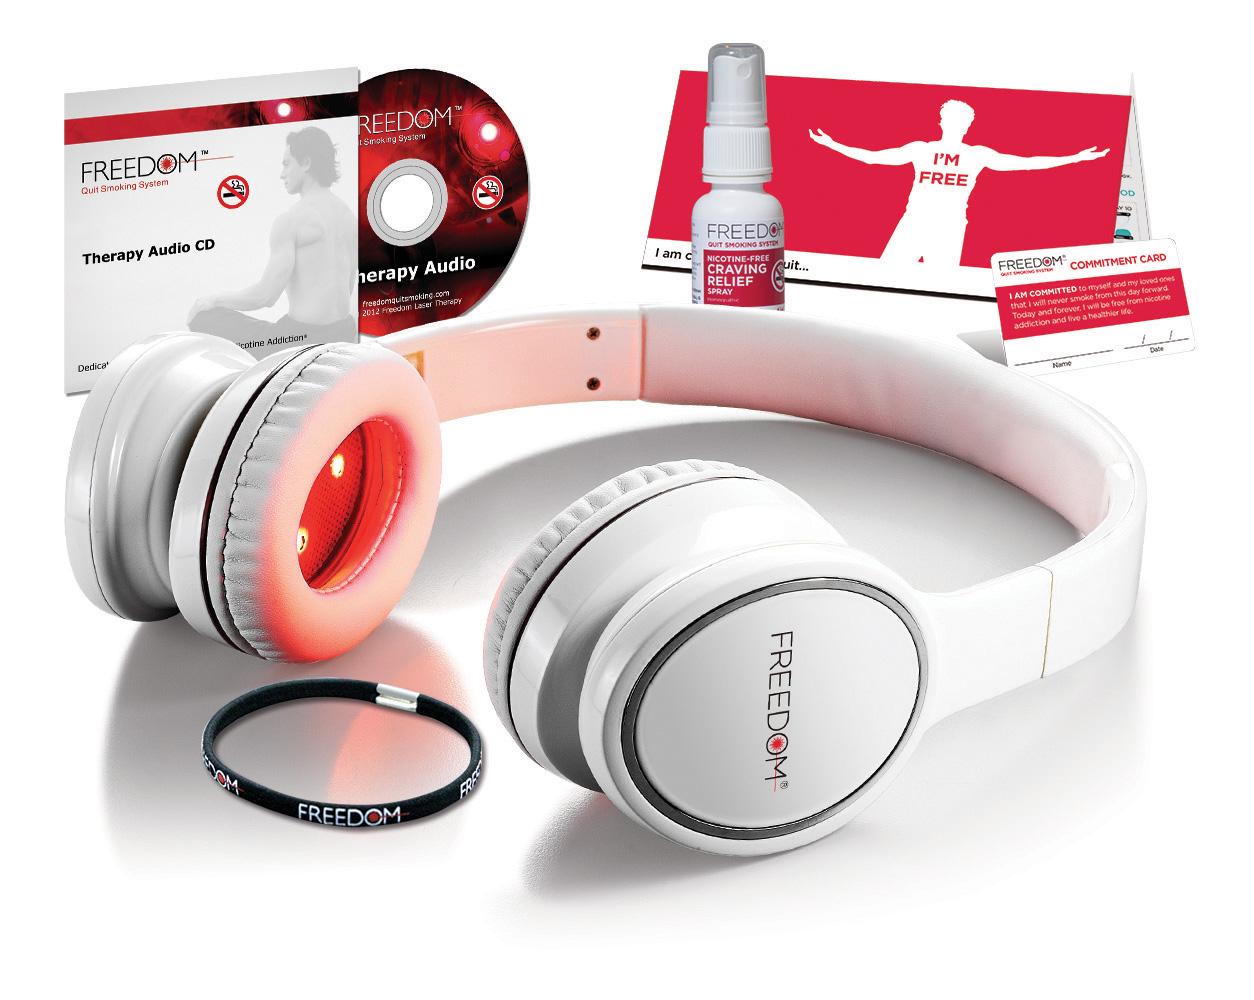 headset_grouping_C_v1